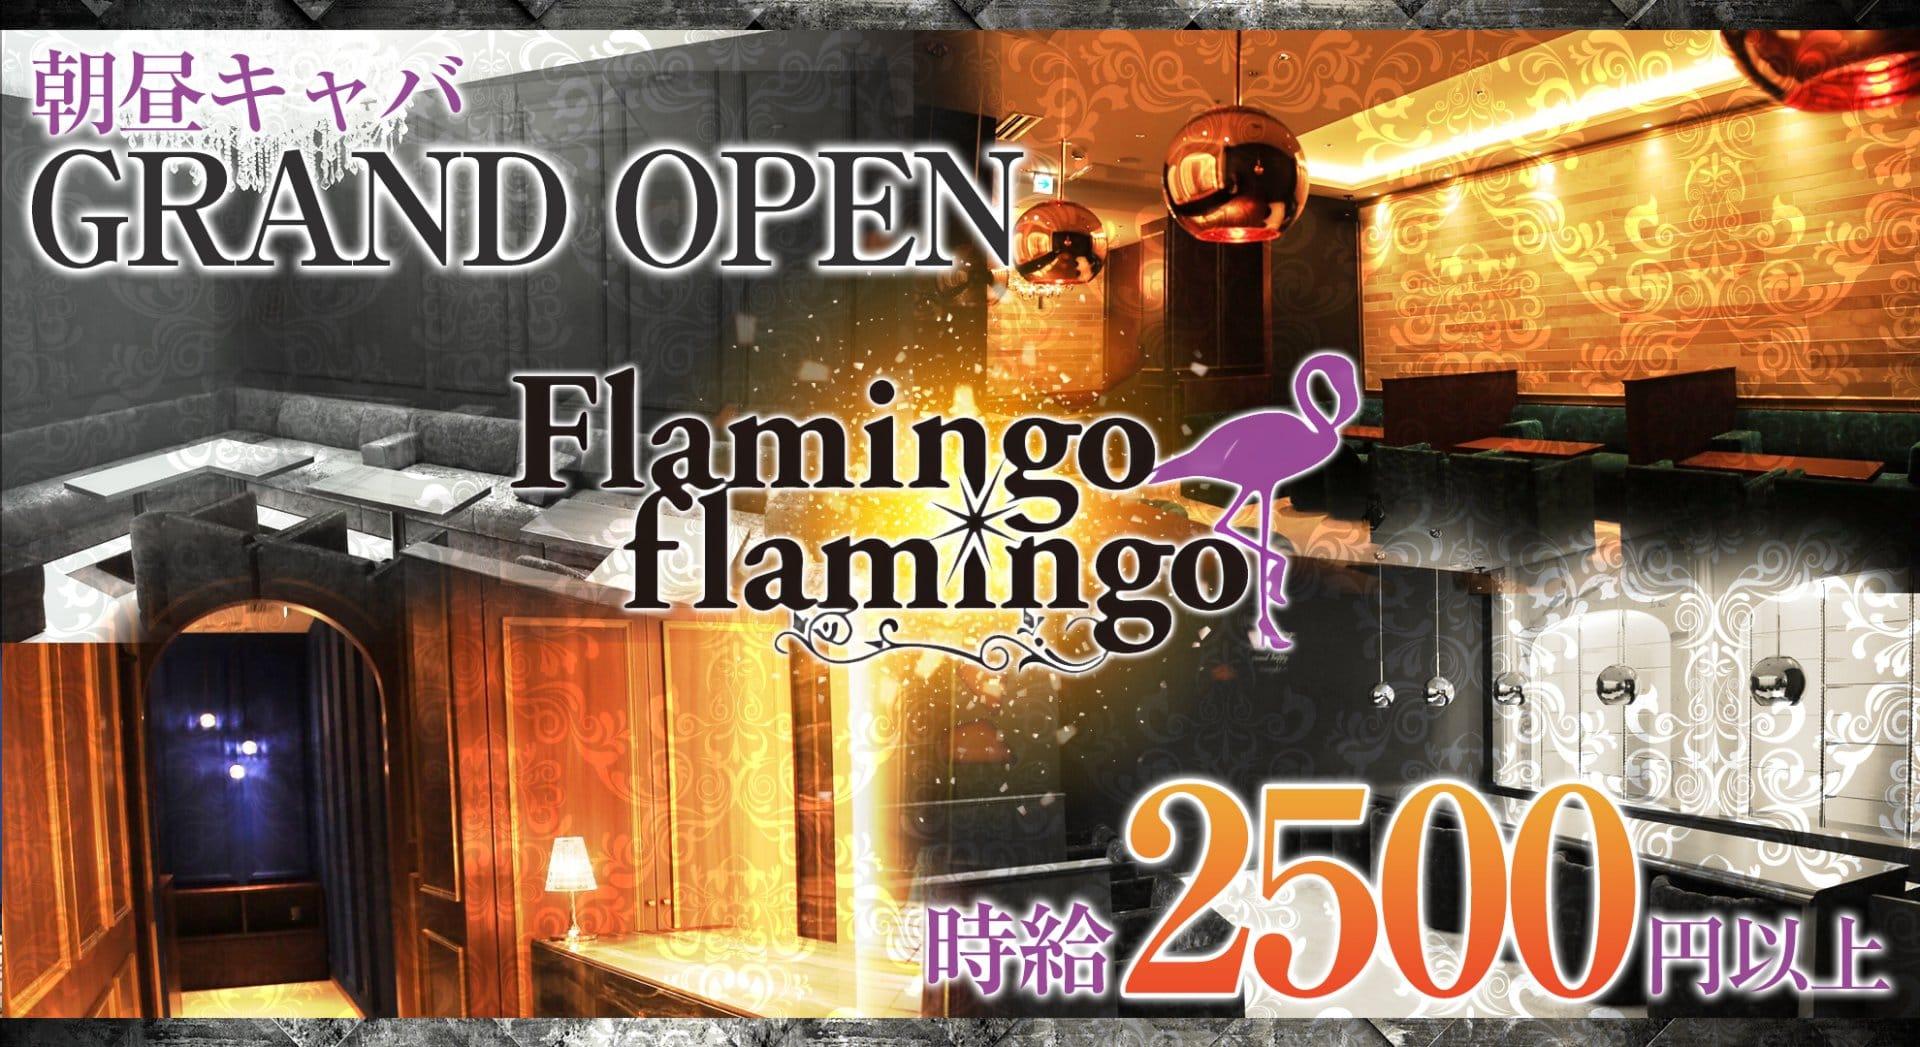 flamingo flamingo(フラミンゴ フラミンゴ) 中洲昼キャバ・朝キャバ TOP画像